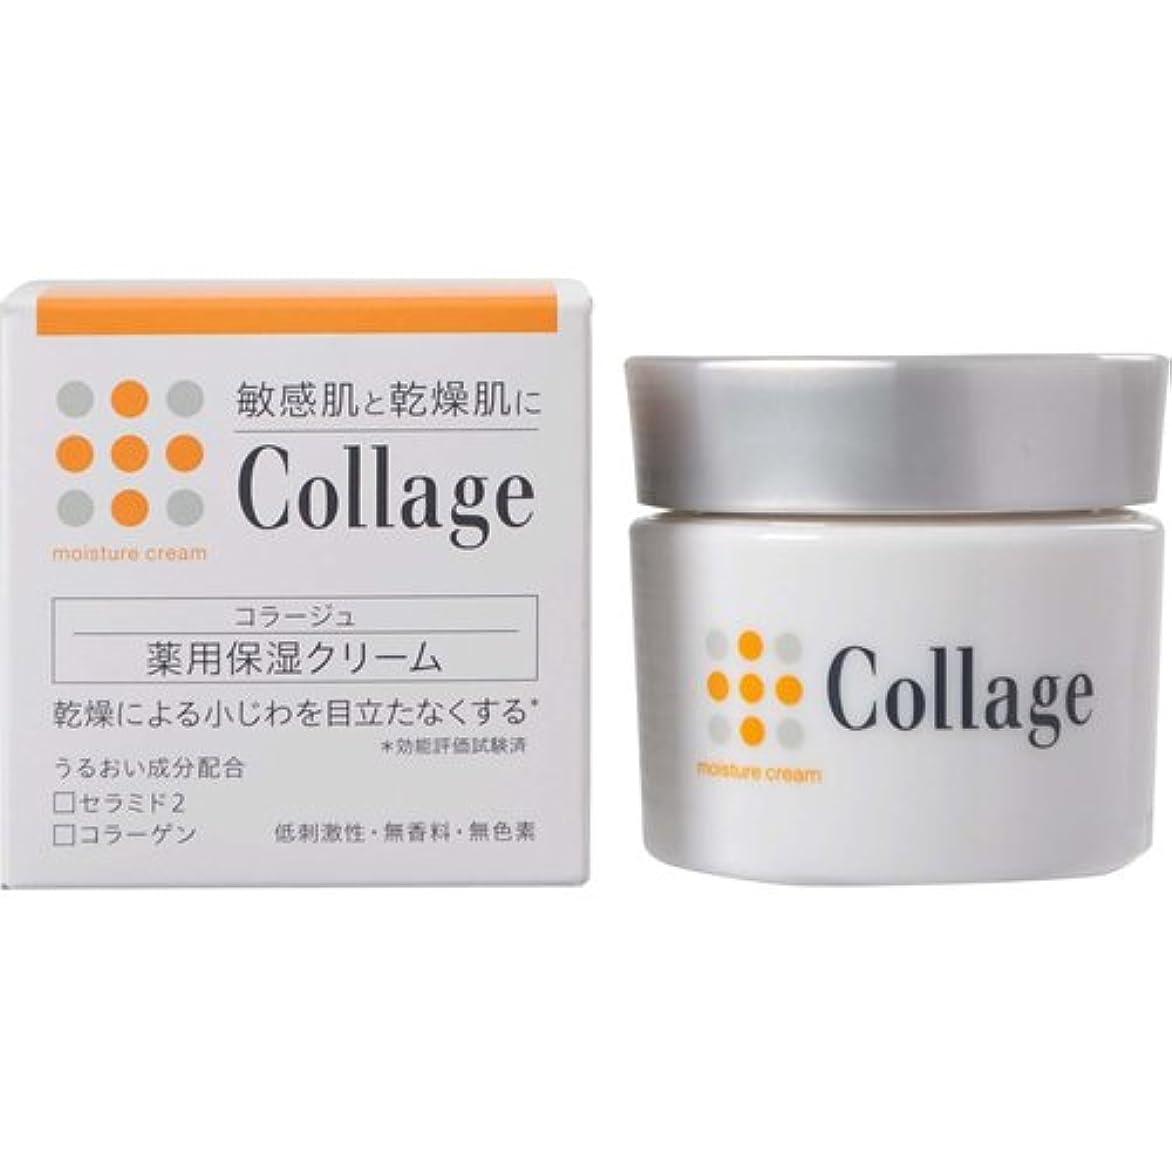 原子人物またはどちらかコラージュ 薬用保湿クリーム 30g 【医薬部外品】